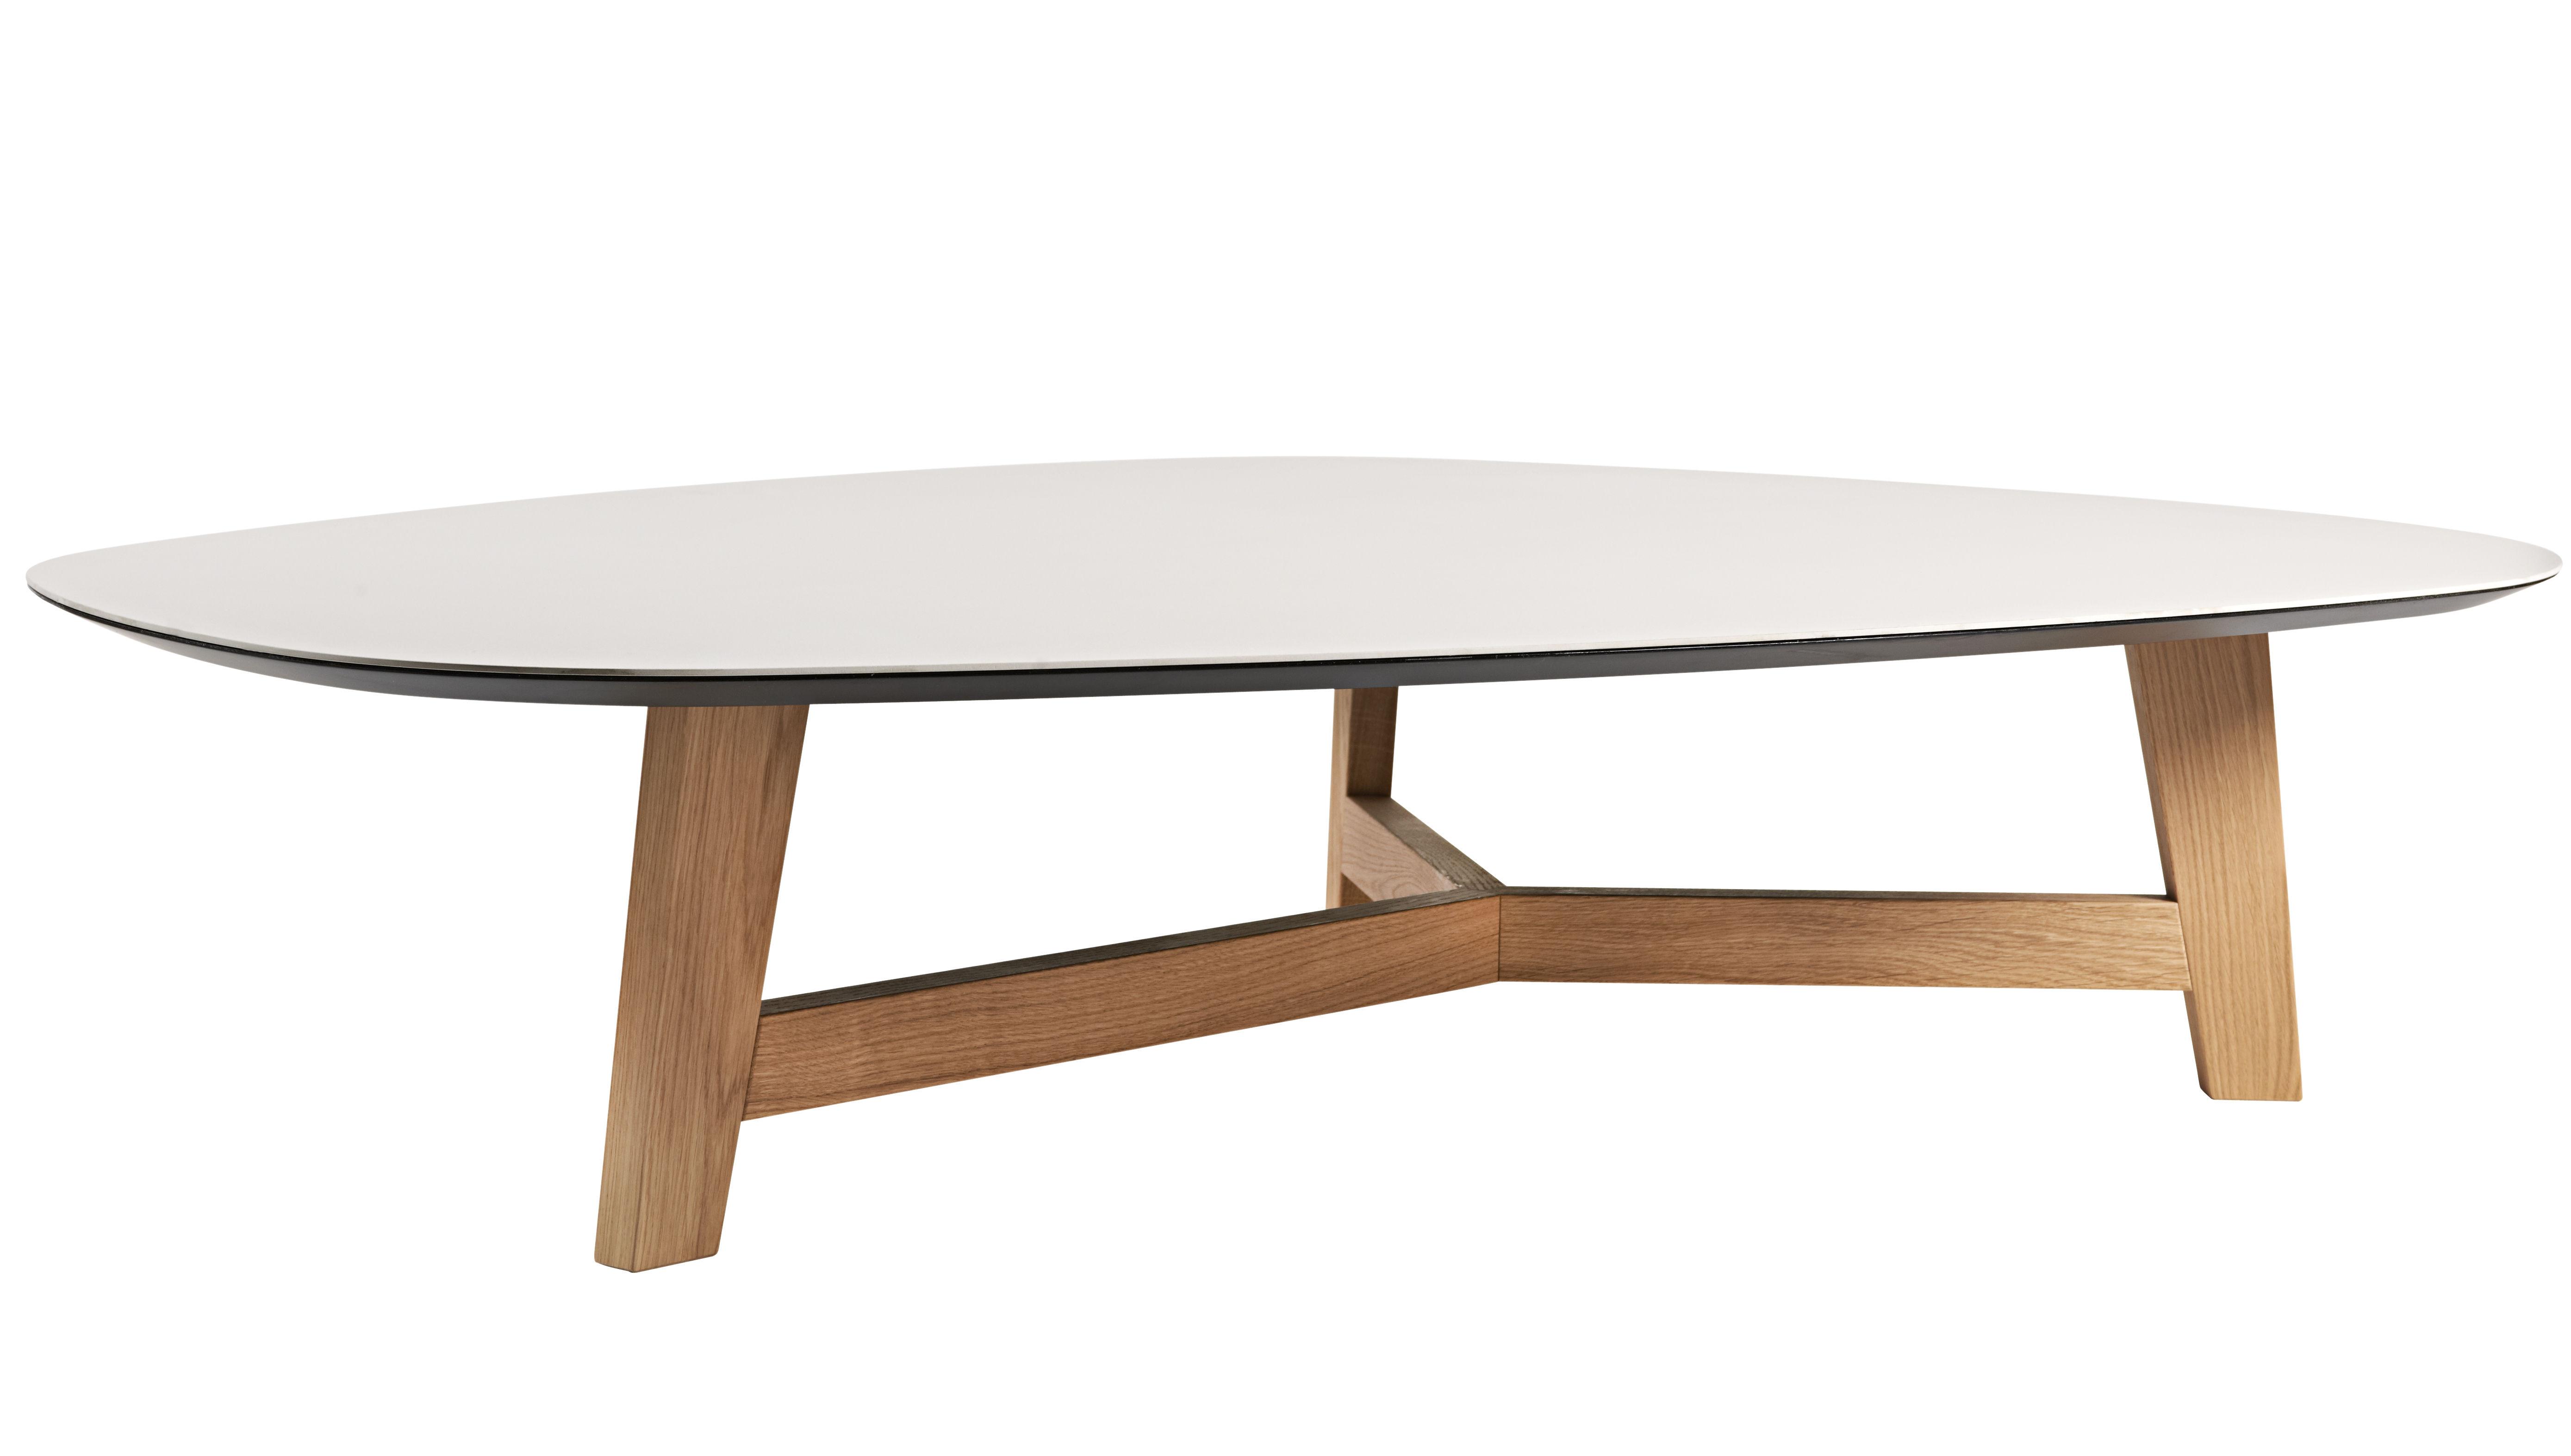 Möbel - Couchtische - T-Phoenix Couchtisch / große Tischplatte - Fuß Eiche - Moroso - Tischplatte hellgrau / Tischgestell Eiche natur - Eiche natur, Holzfaserplatte, Keramik